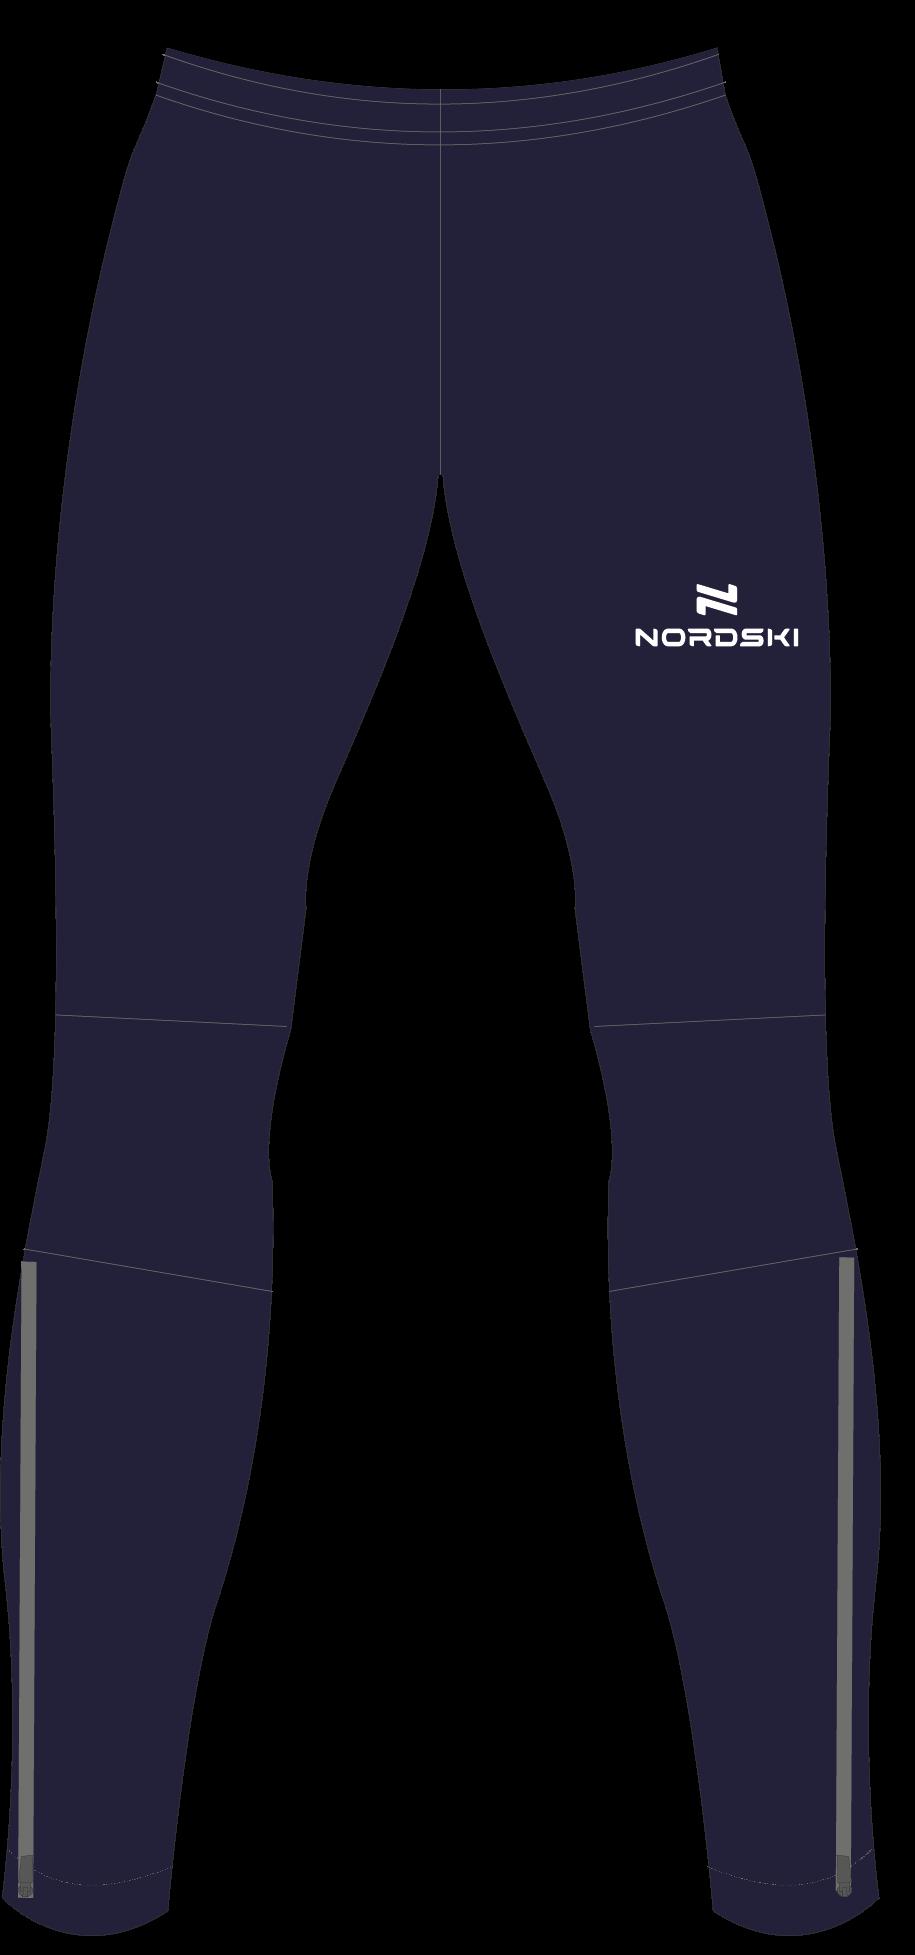 Nordski Jr Motion 2020 разминочный лыжный костюм детский blueberry-pink - 5